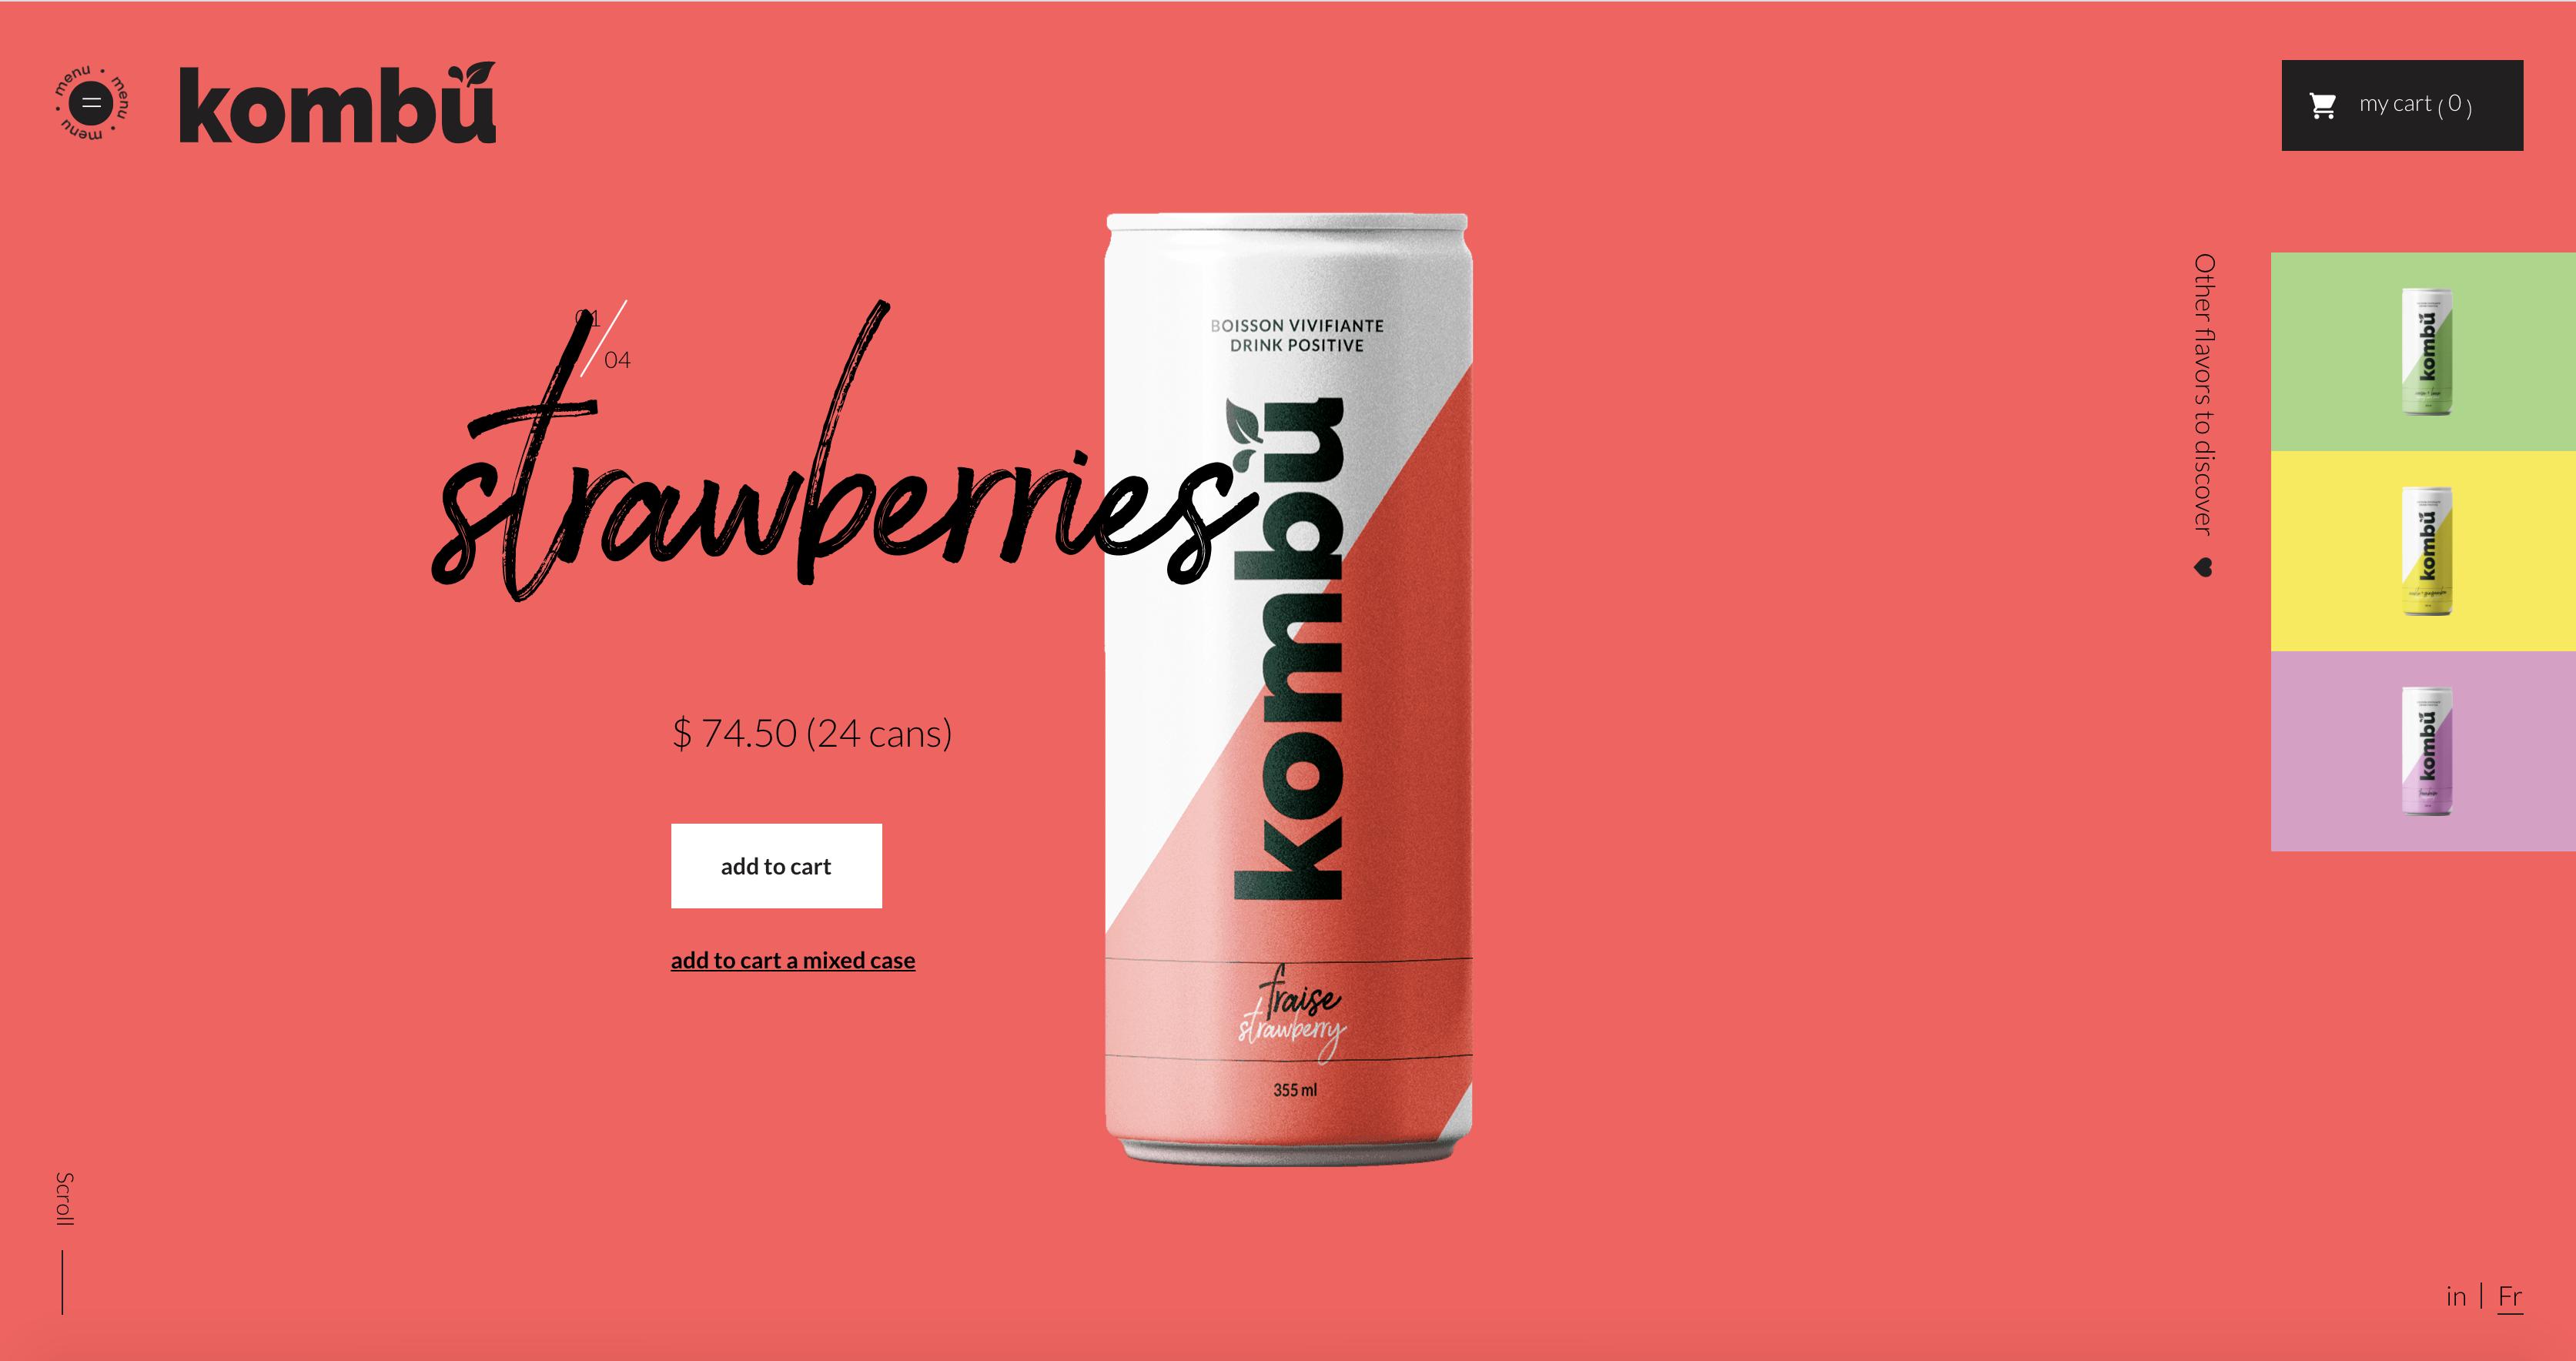 Kombu Product Page